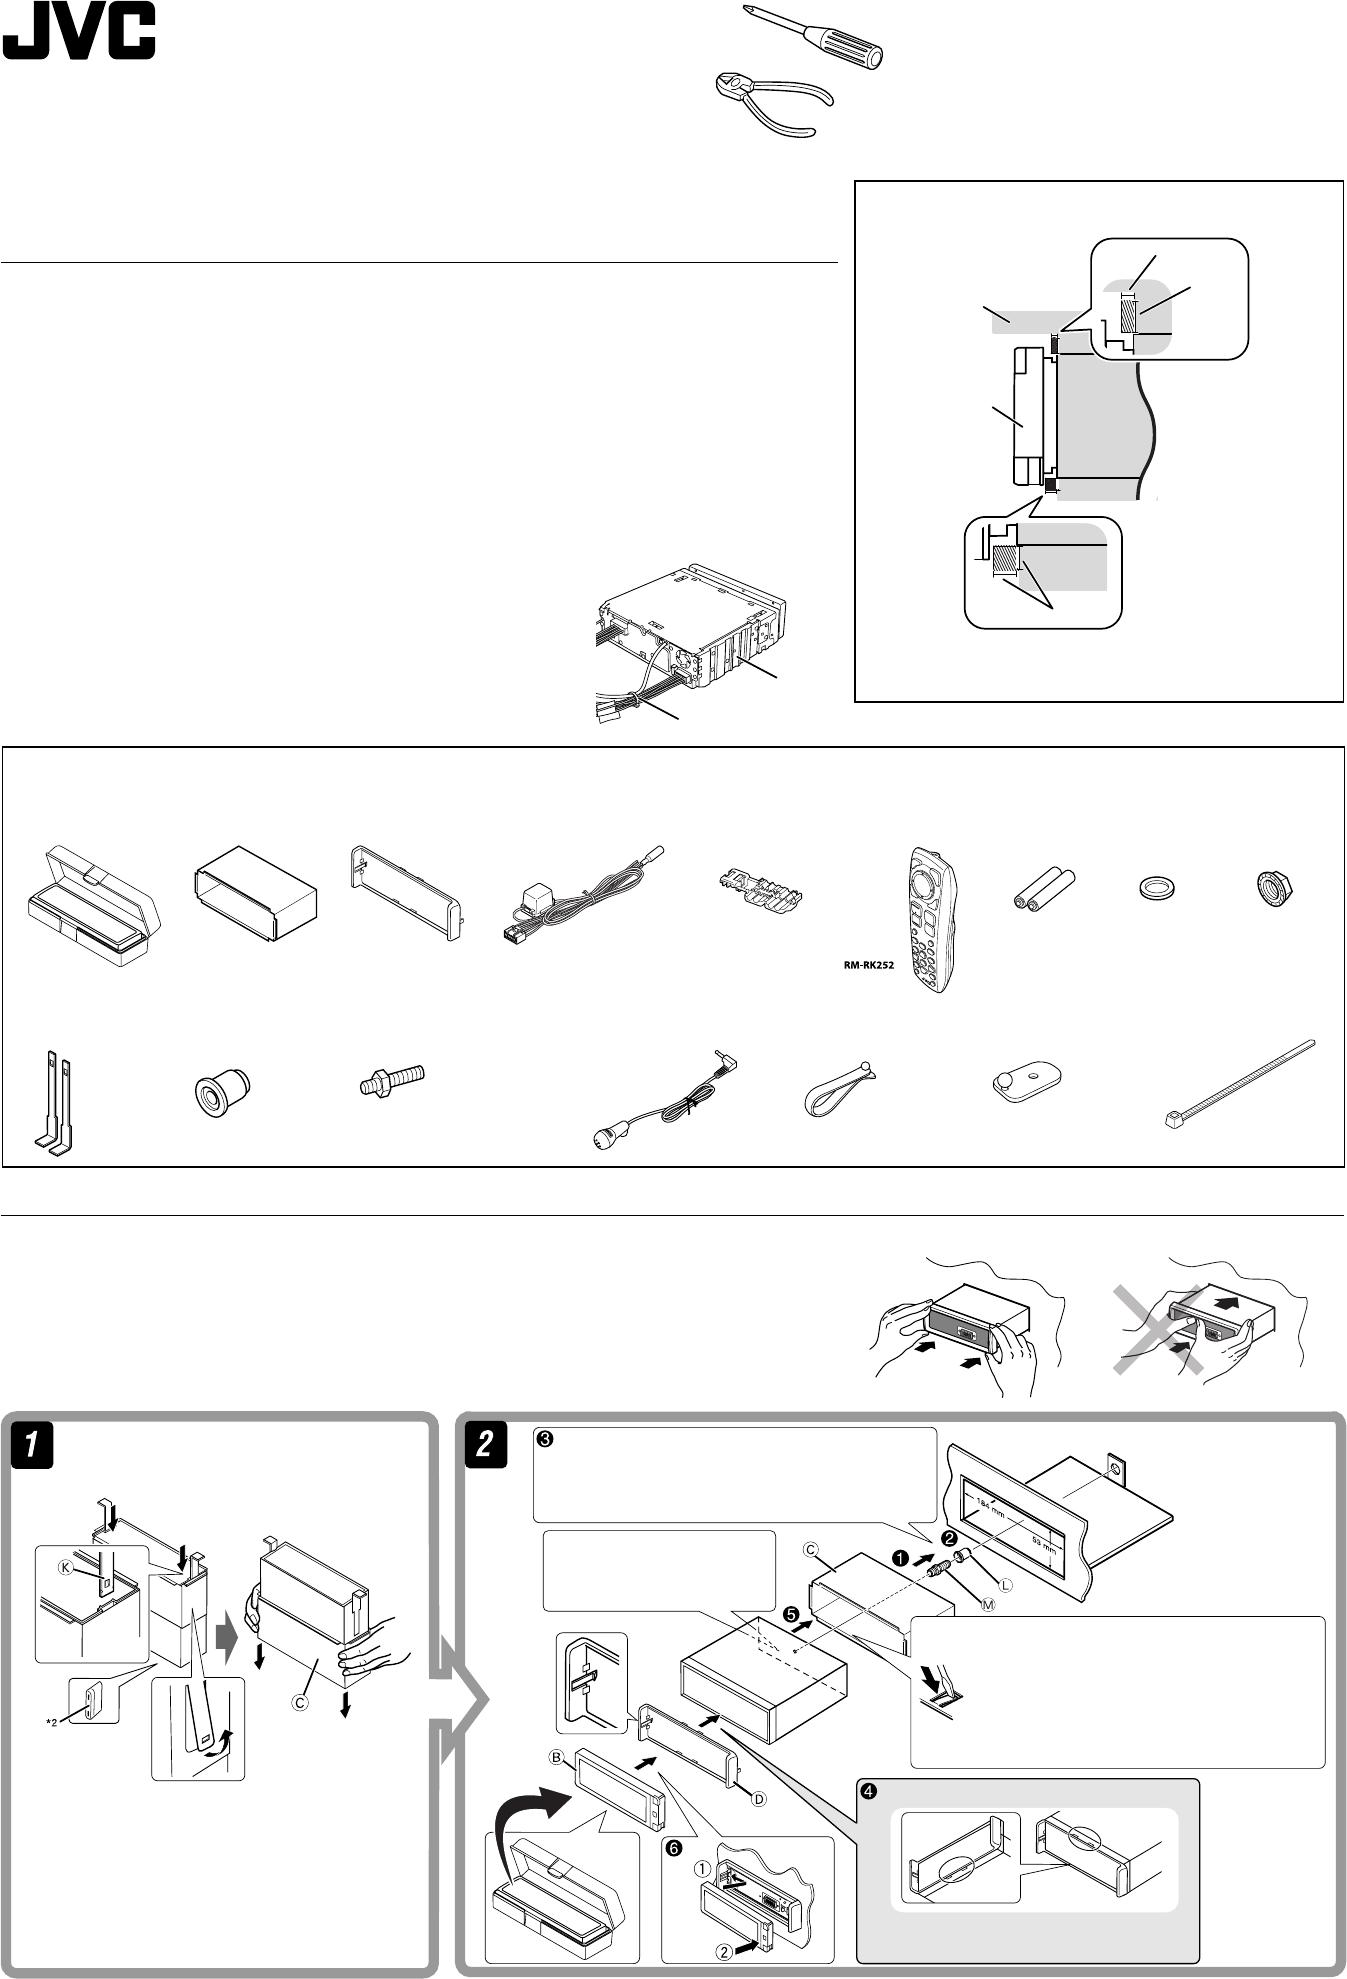 Instrukcja Obsugi Jvc Kd Avx55 Avx1 Wiring Diagram